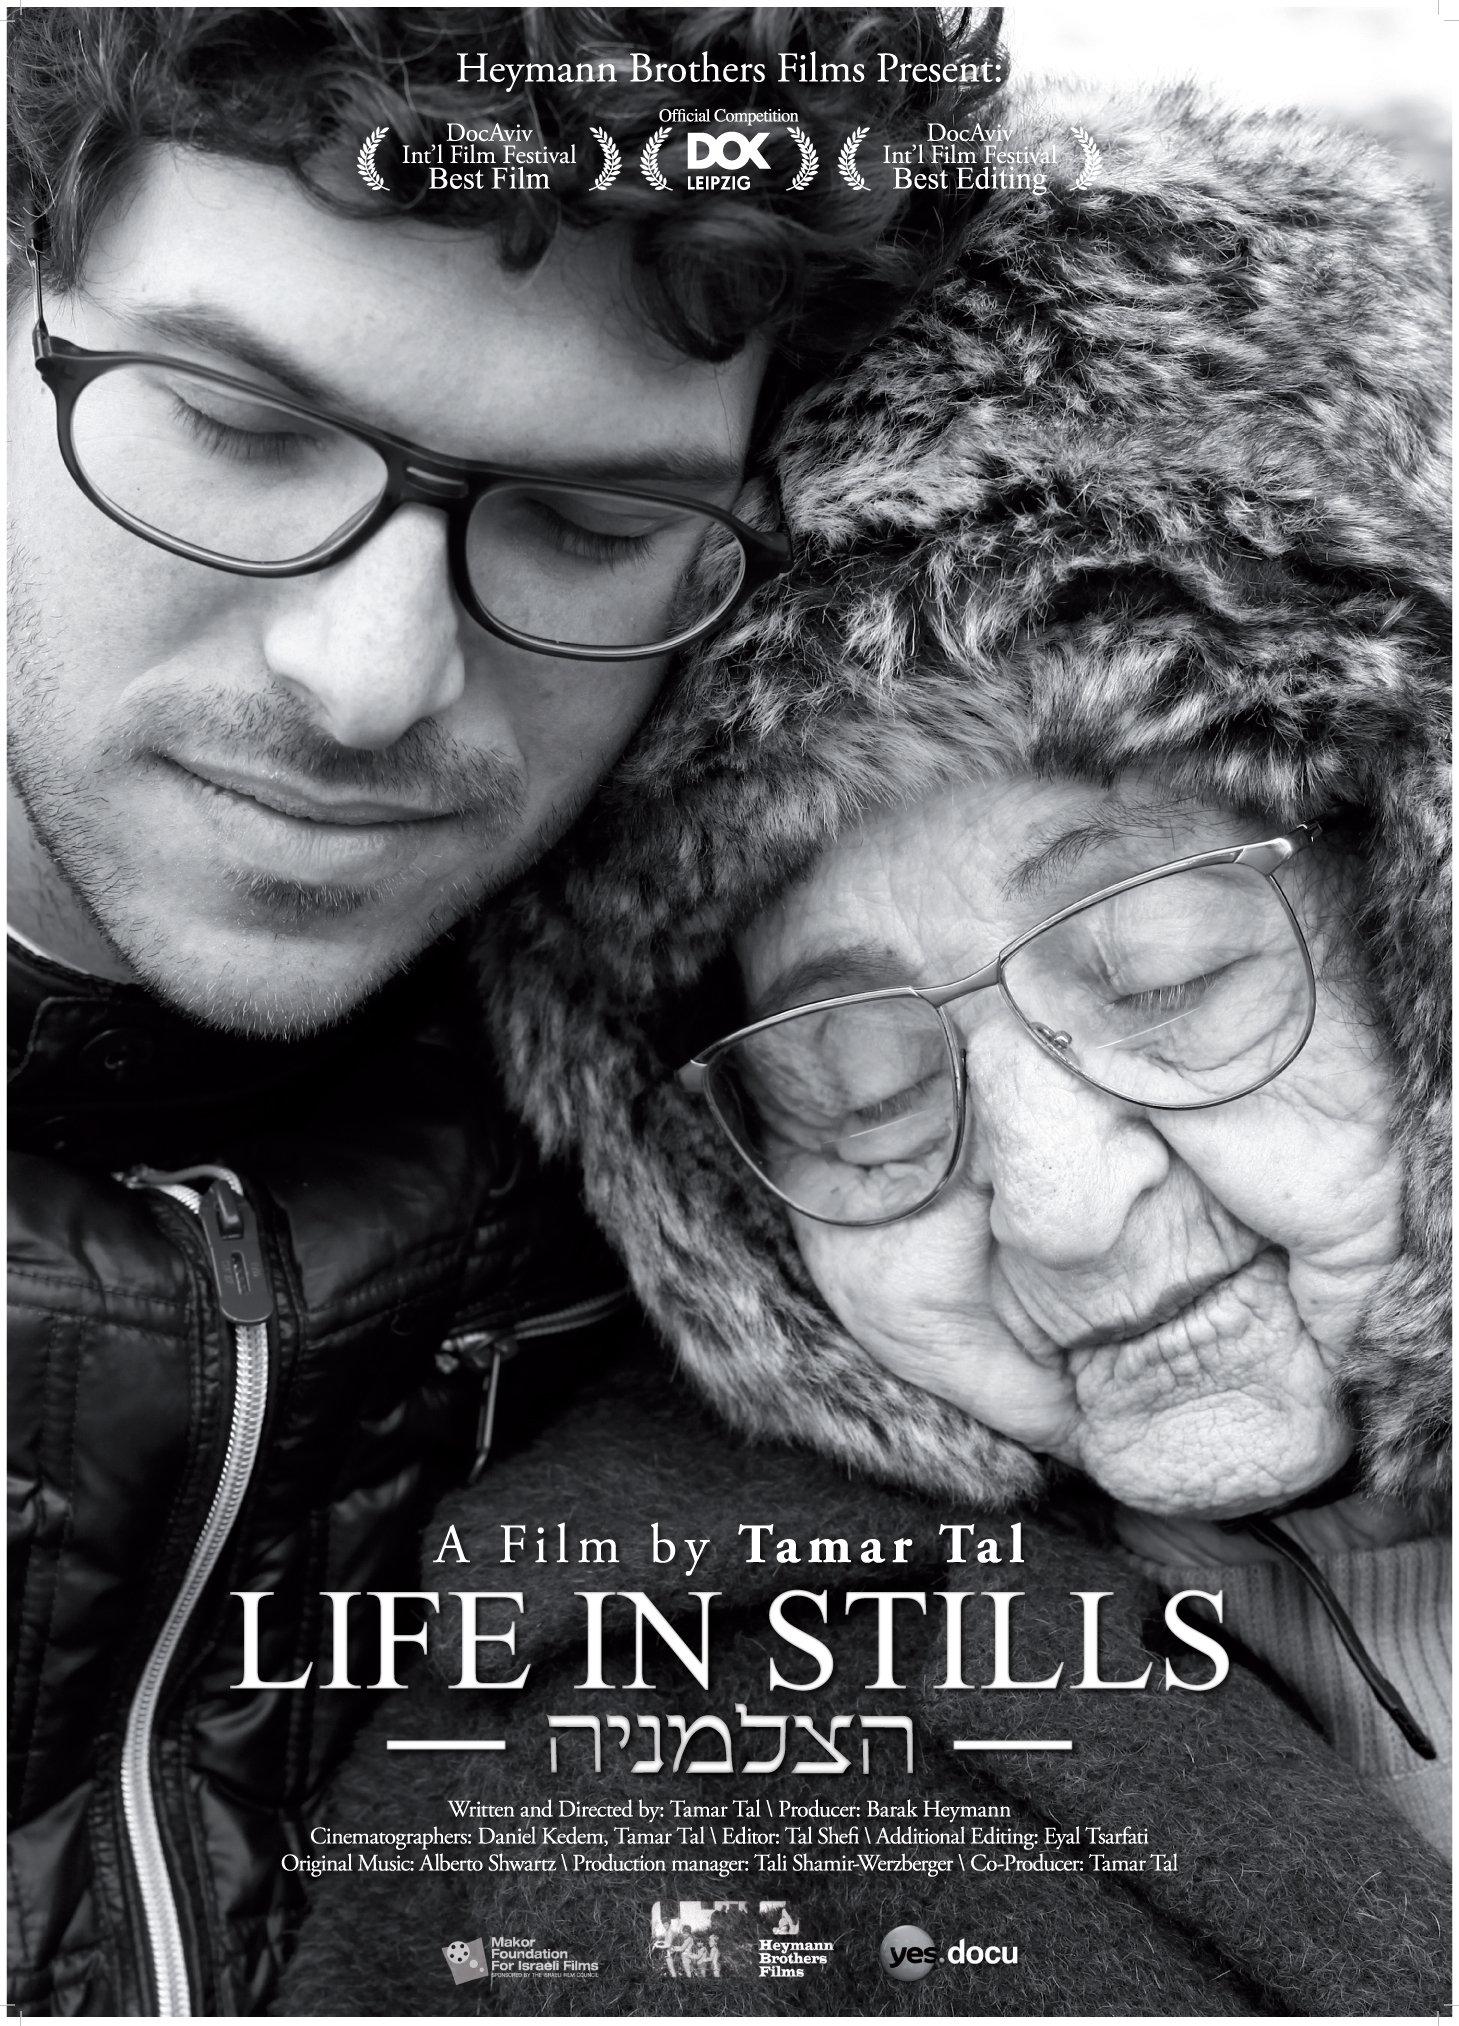 100 лет в фотографиях (Жизнь в фотографиях) / Life In Stills (2011)